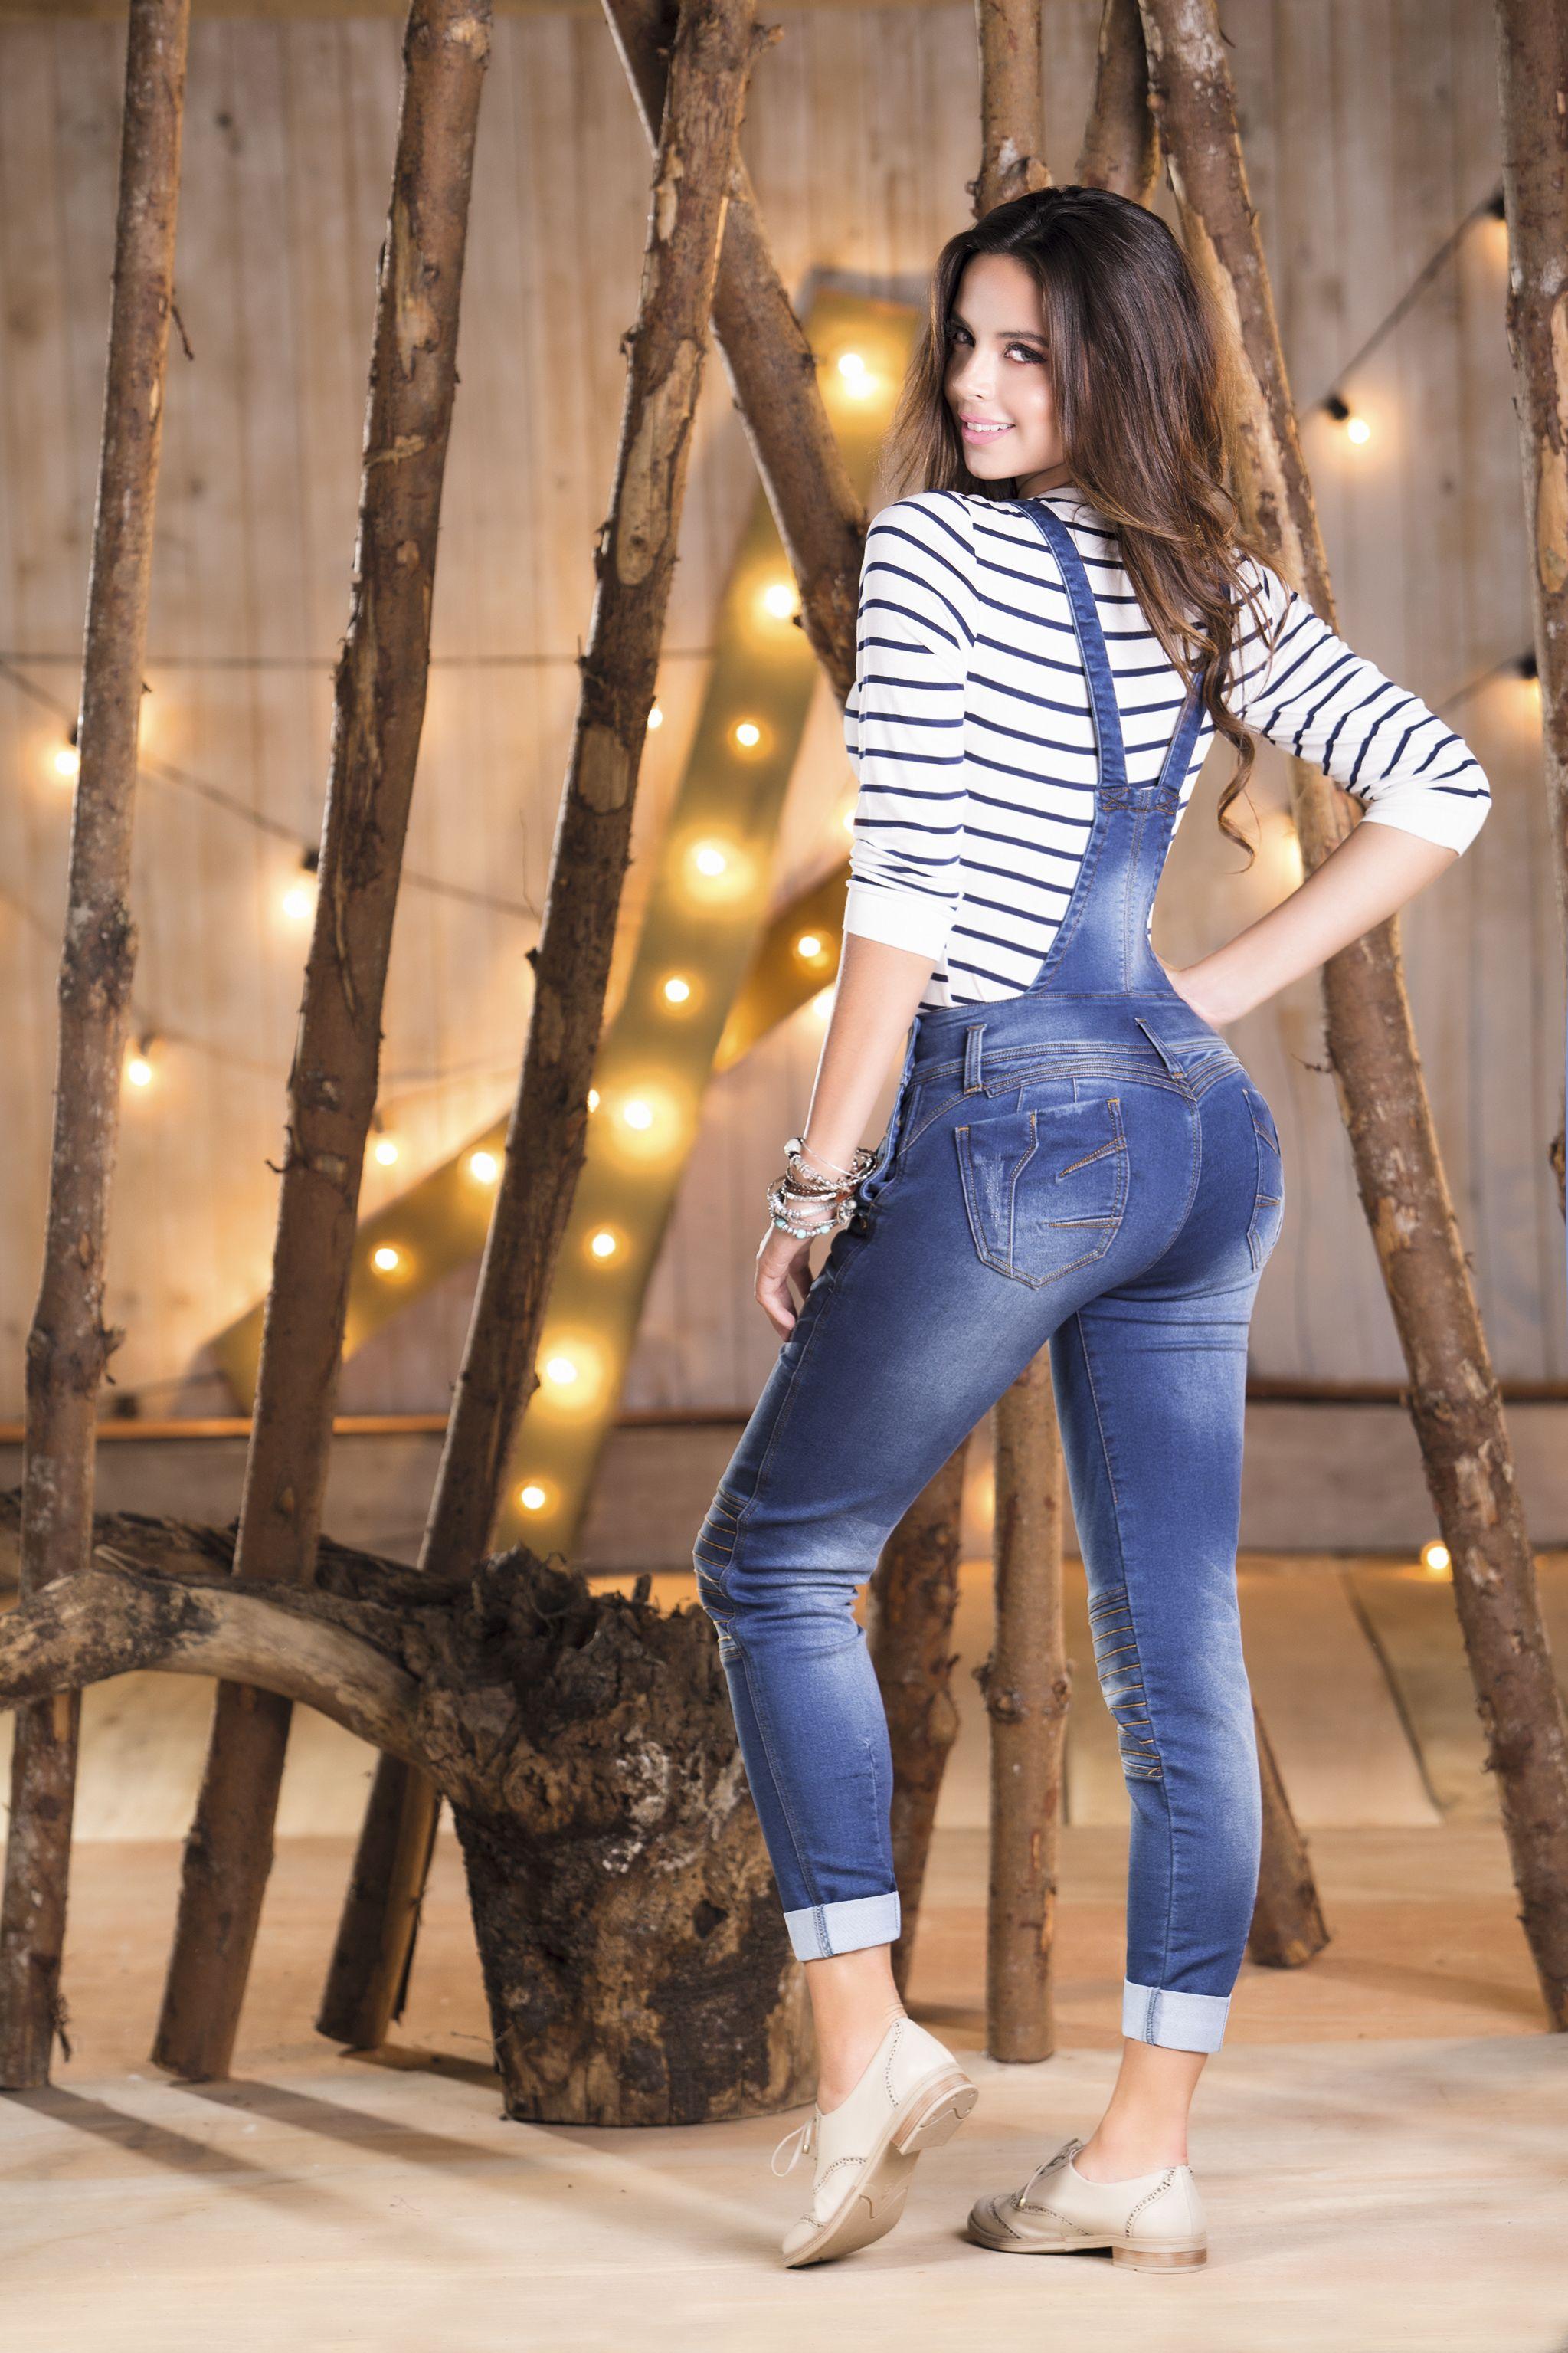 Luce una espectacular braga en jens. Resalta tu figura y tus curvas  #yovistotyt #jeanstyt